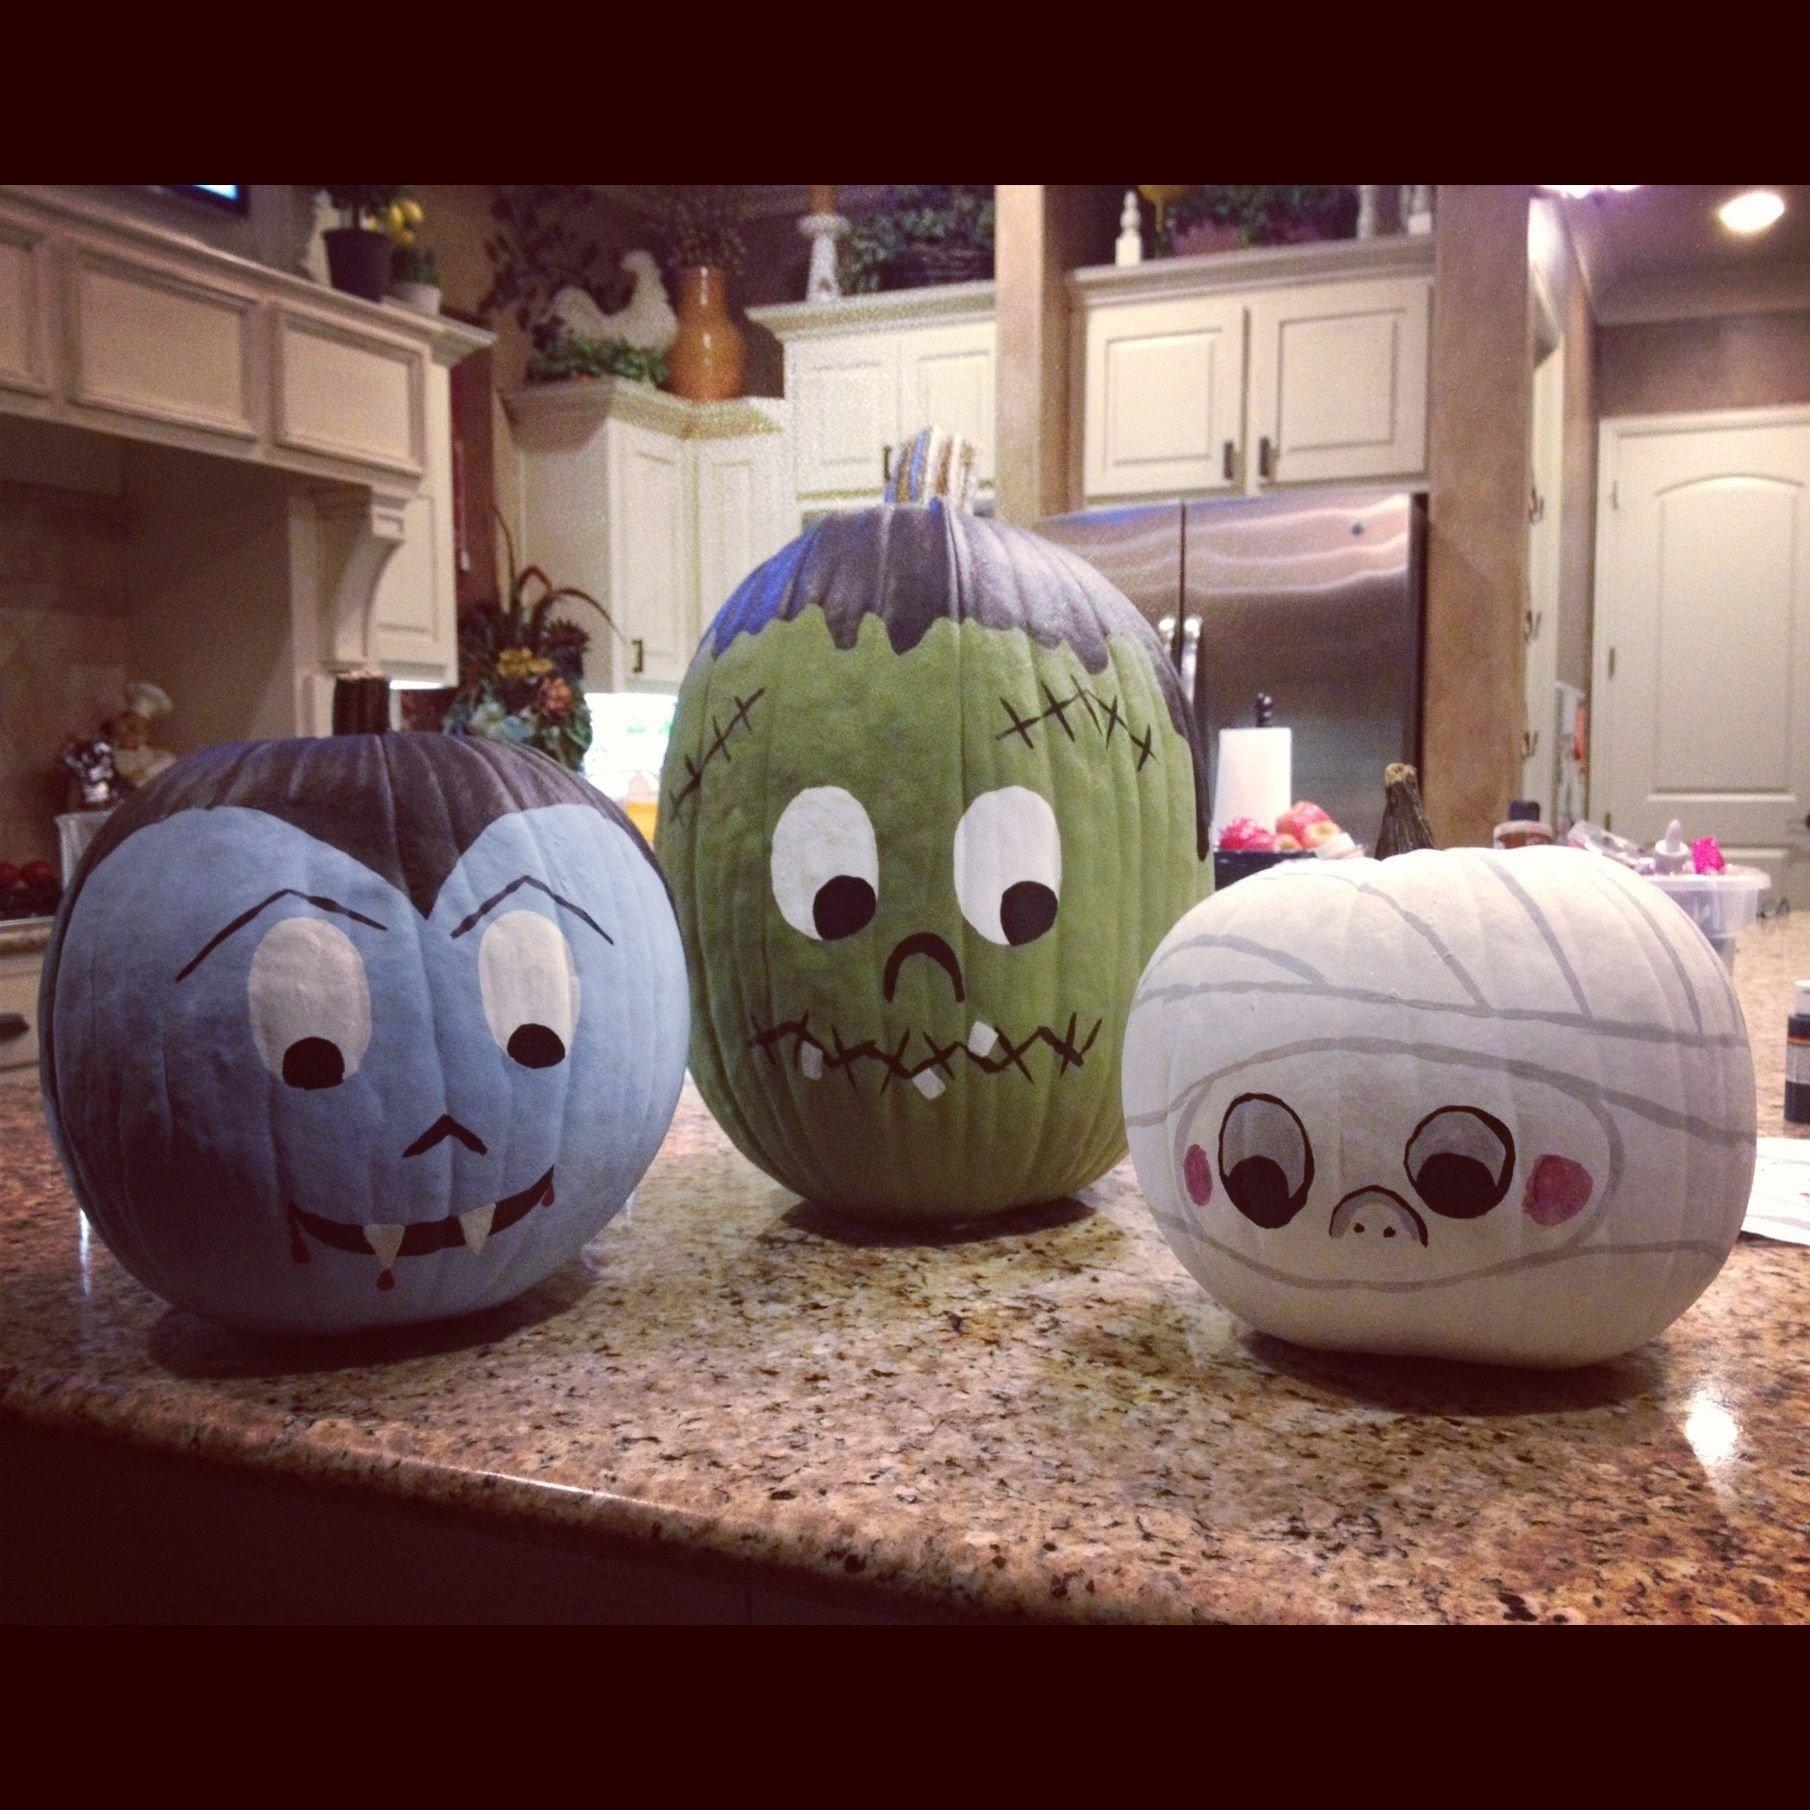 10 Elegant Pumpkin Painting Ideas For Kids 10 cute spooky and fun diy painted pumpkin ideas paintings 2020